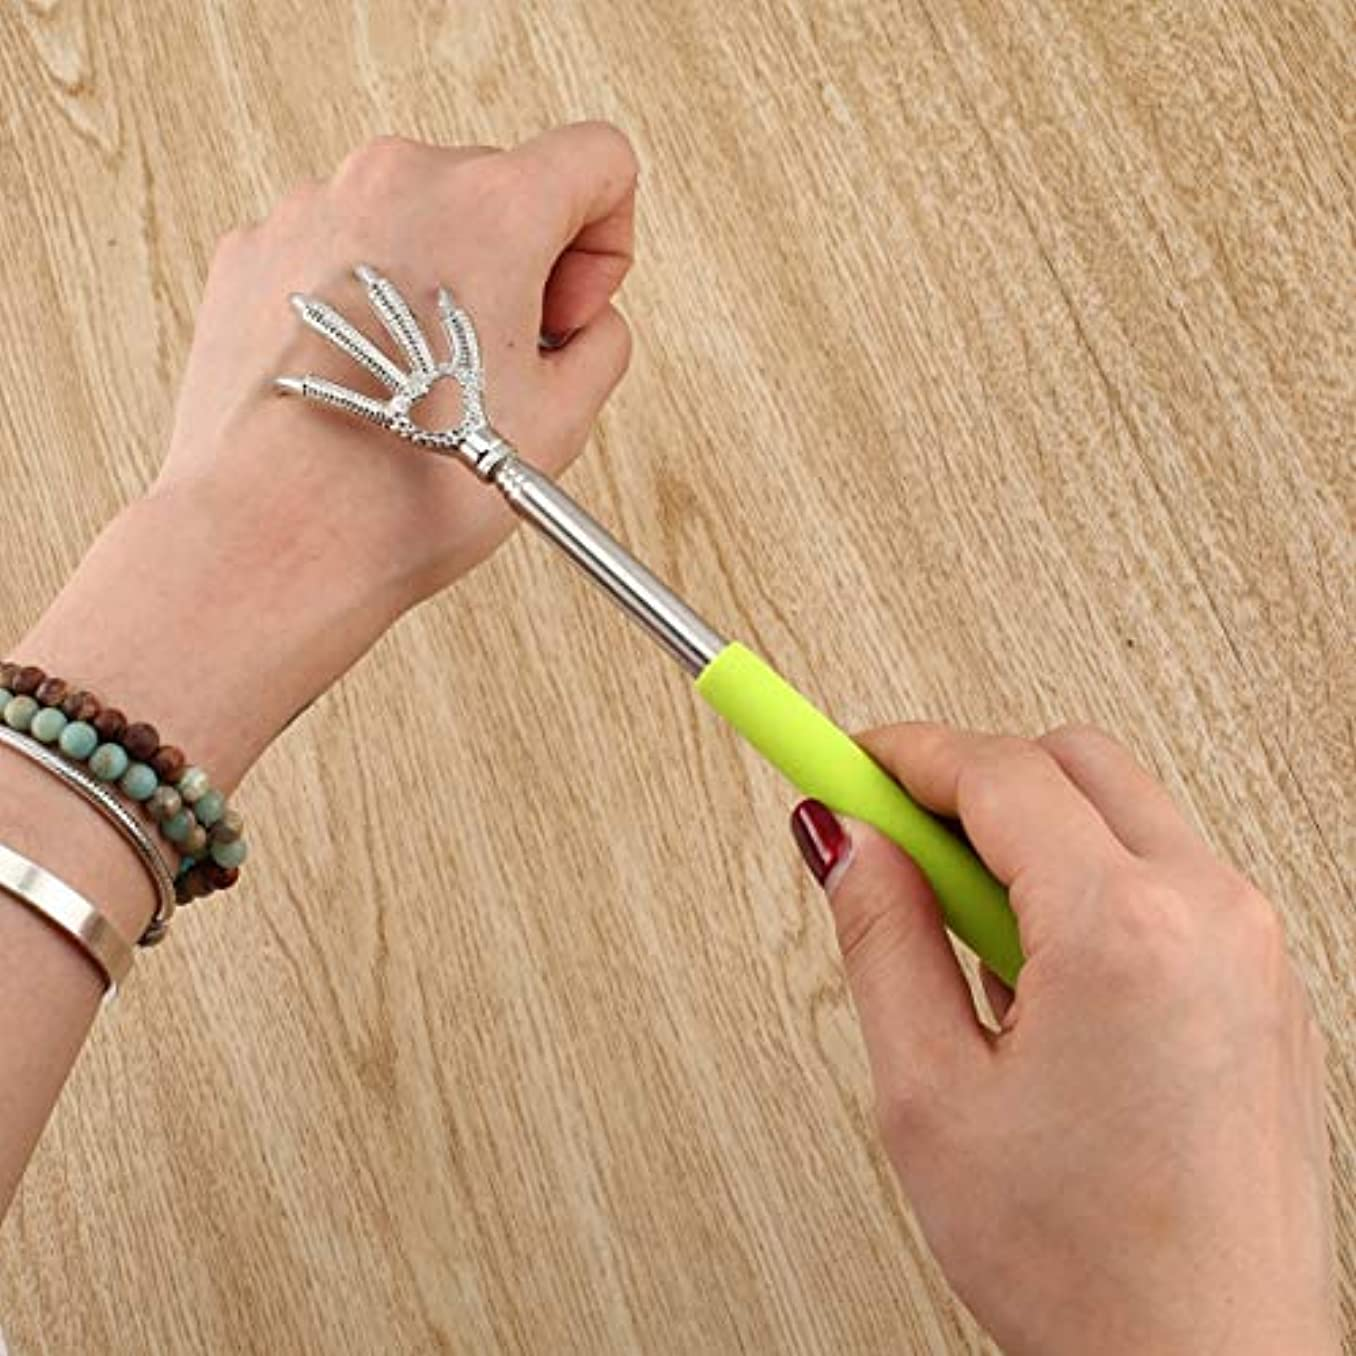 肉のホームレス哺乳類Compact Telescopic Claw Stainless Steel Massager Back Scratcher 22-58cm Adjustable Back Scratching Massage Hand...